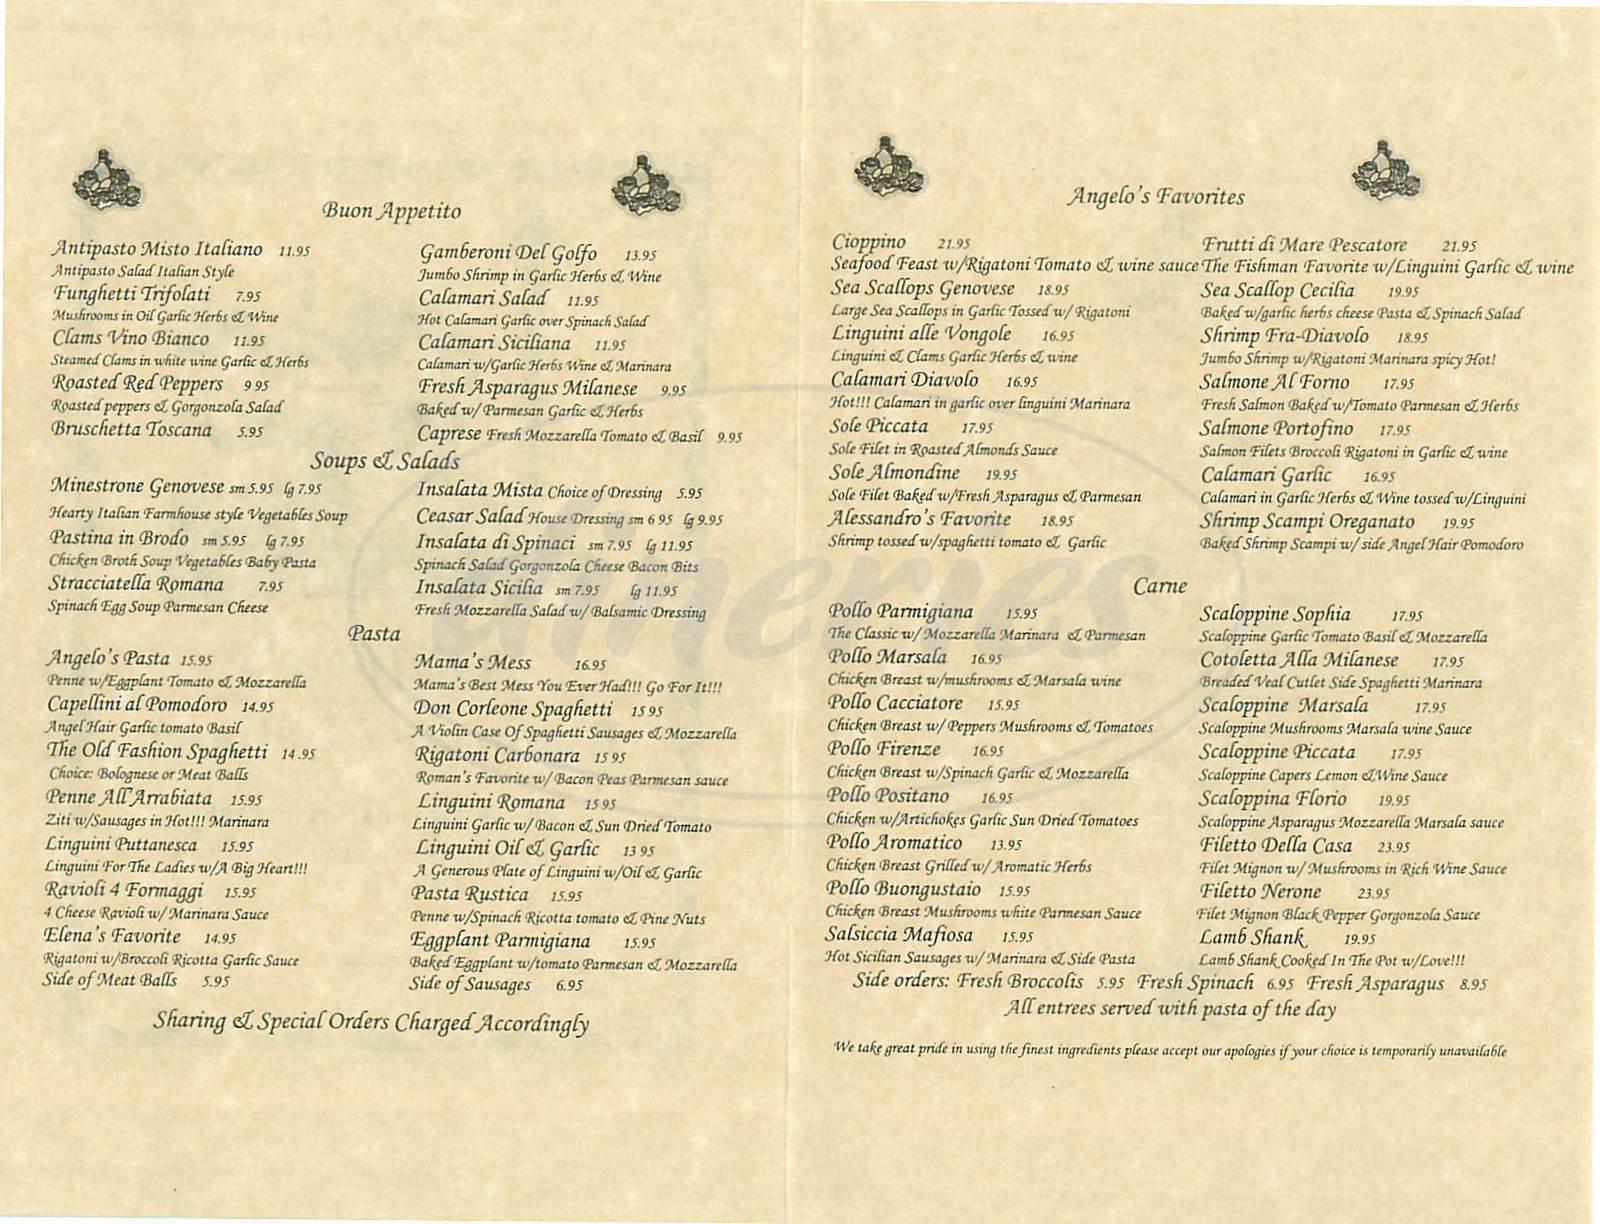 menu for Angelos Ristorante Italiano